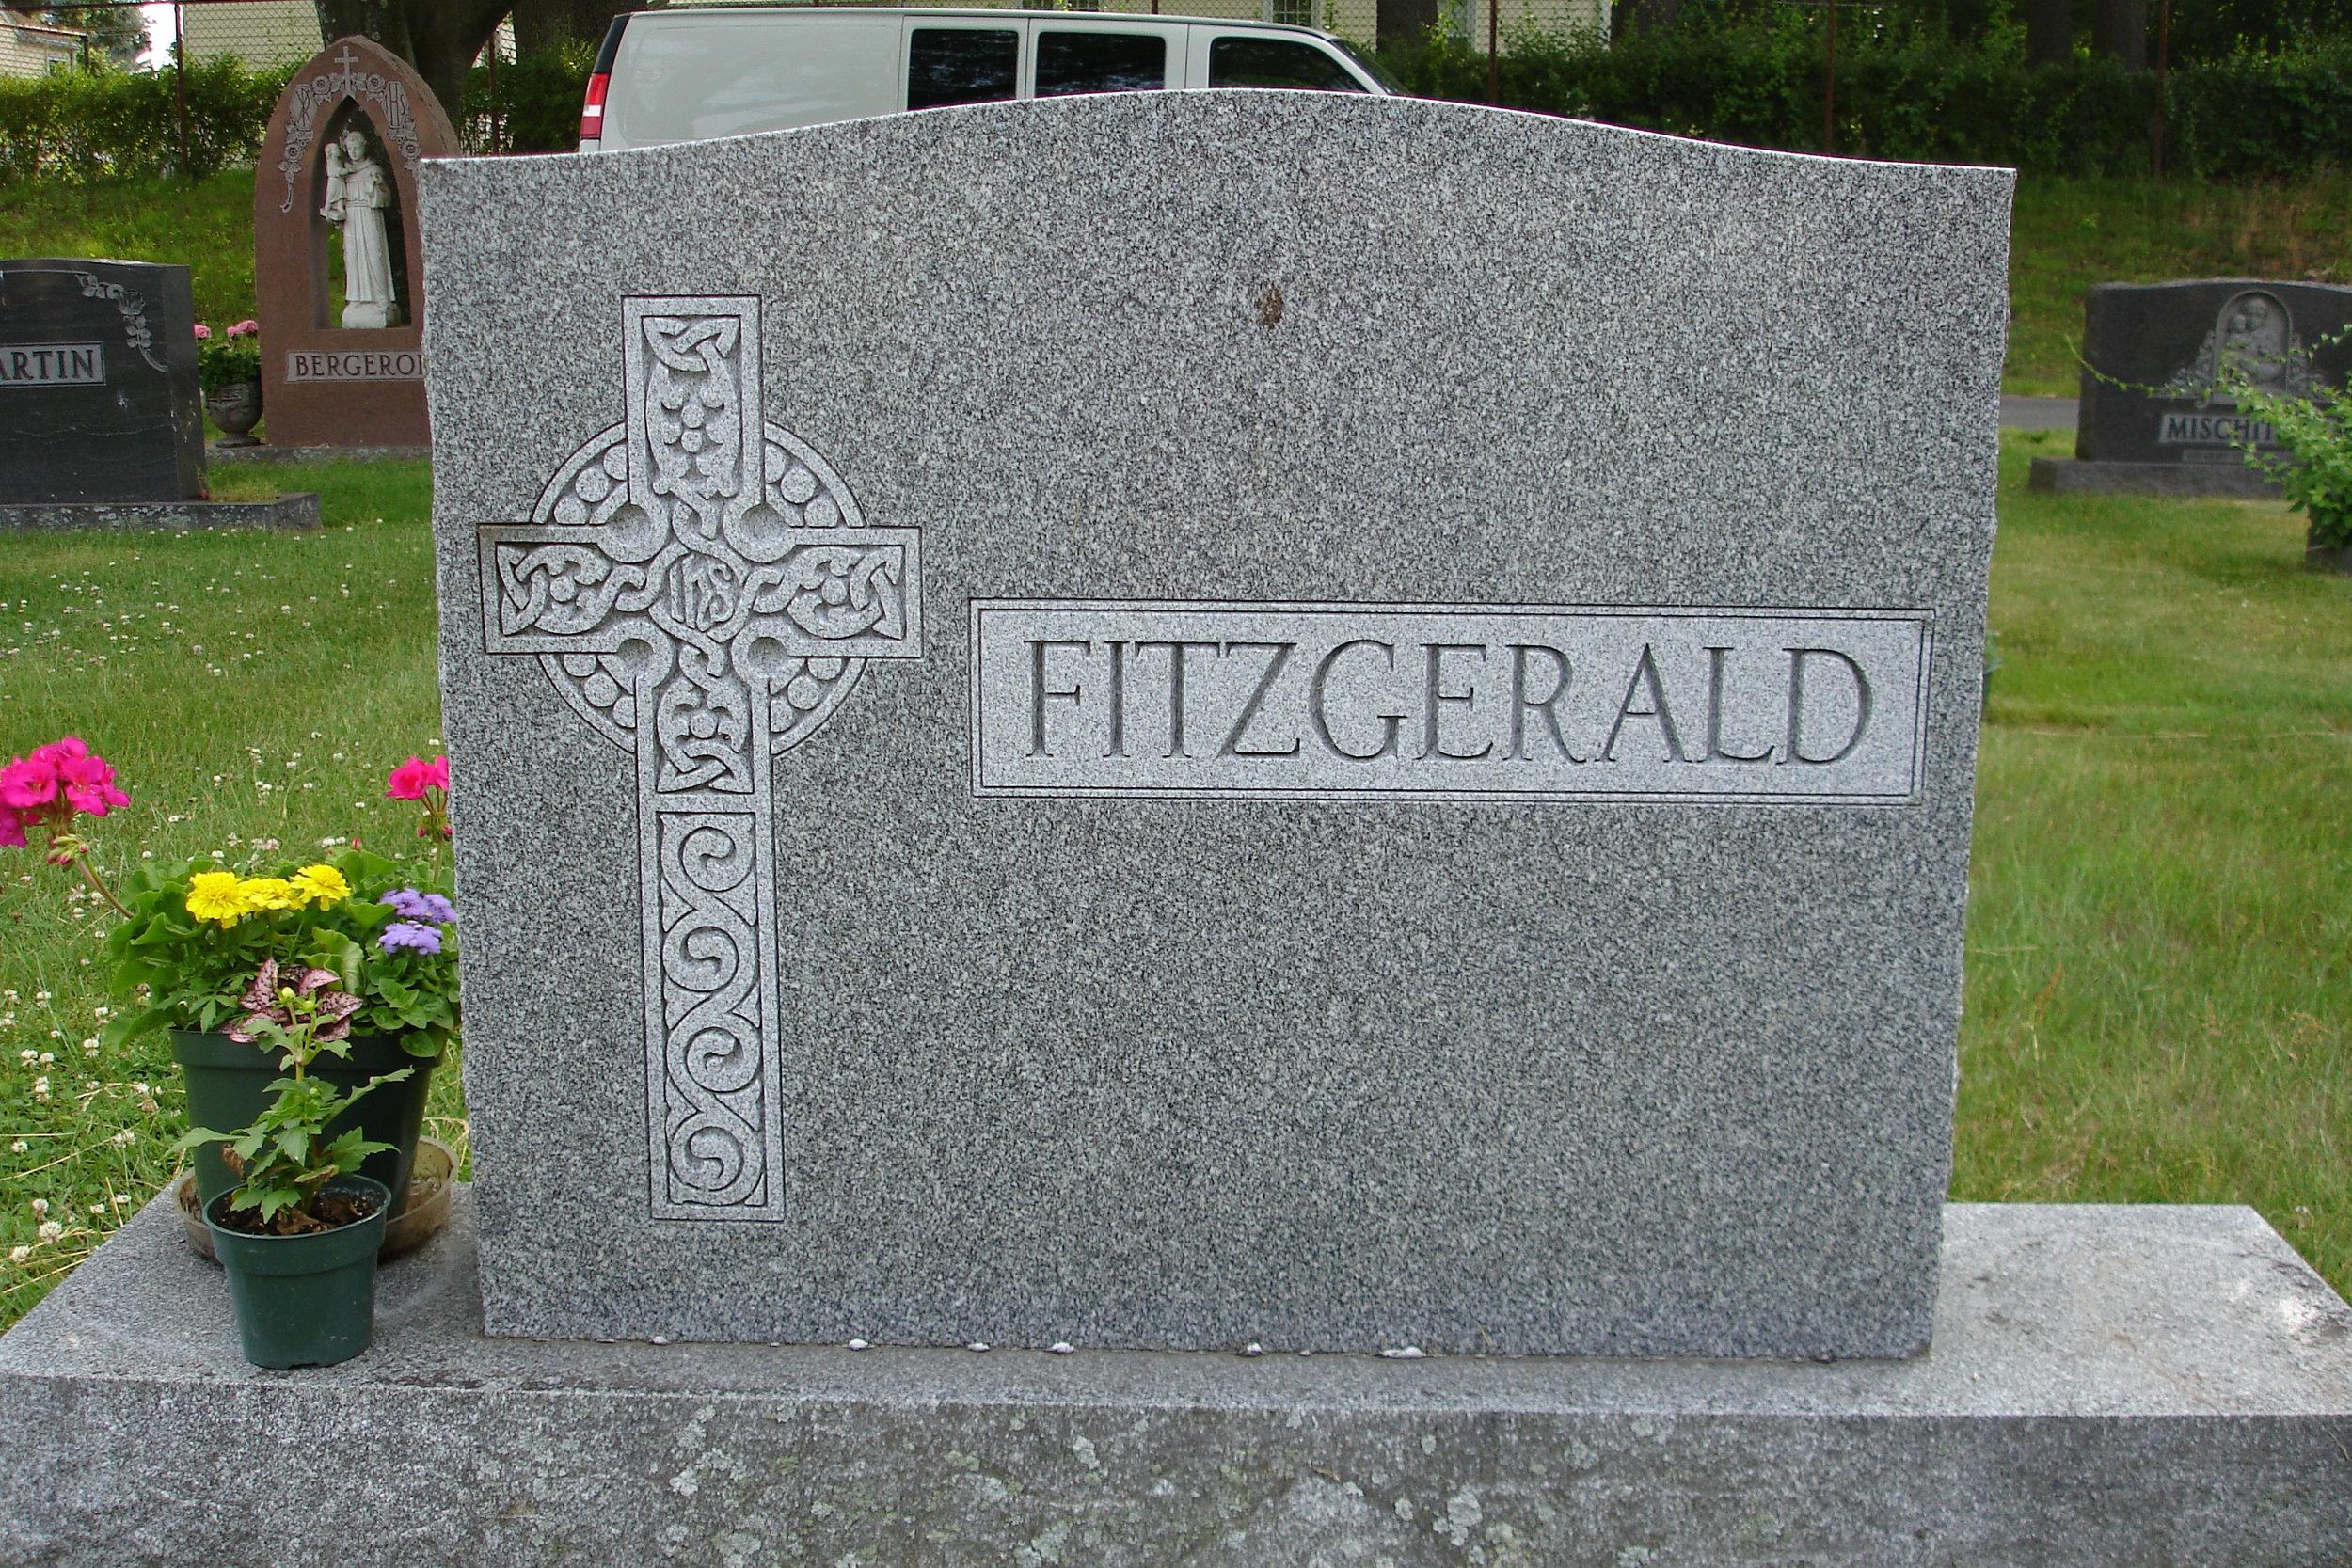 Fitzgerald 004.jpg